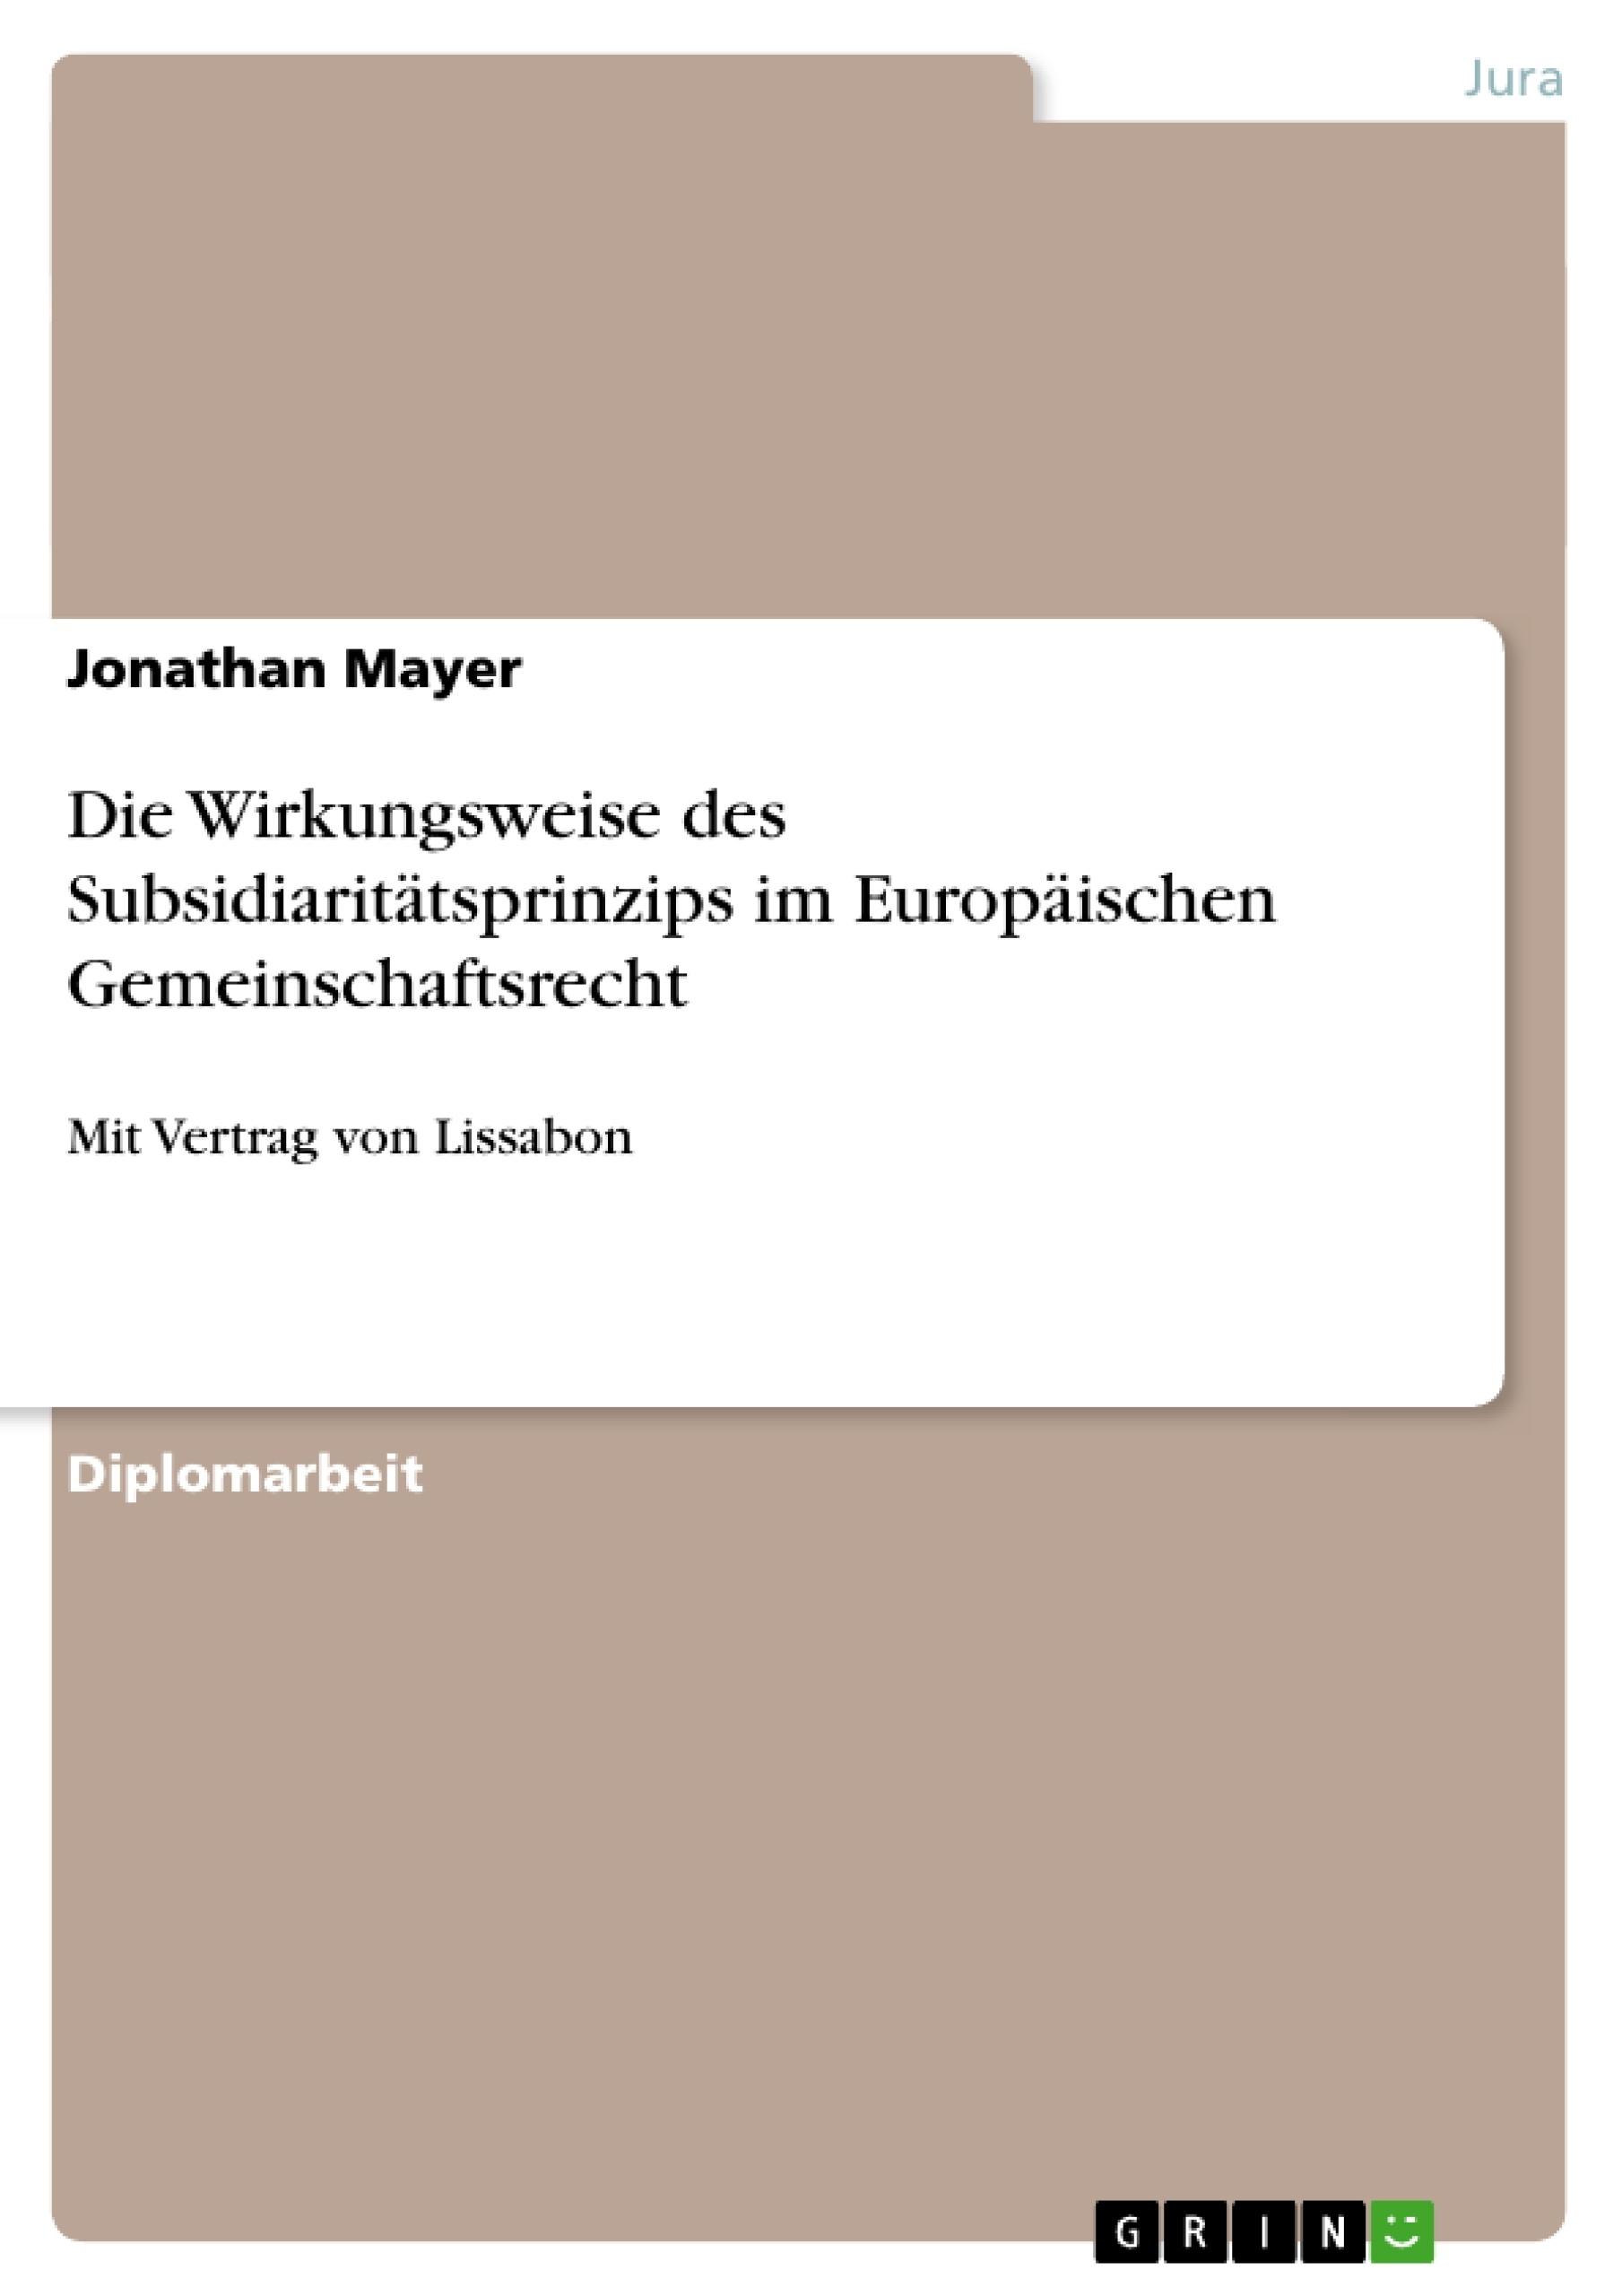 Titel: Die Wirkungsweise des Subsidiaritätsprinzips im Europäischen Gemeinschaftsrecht